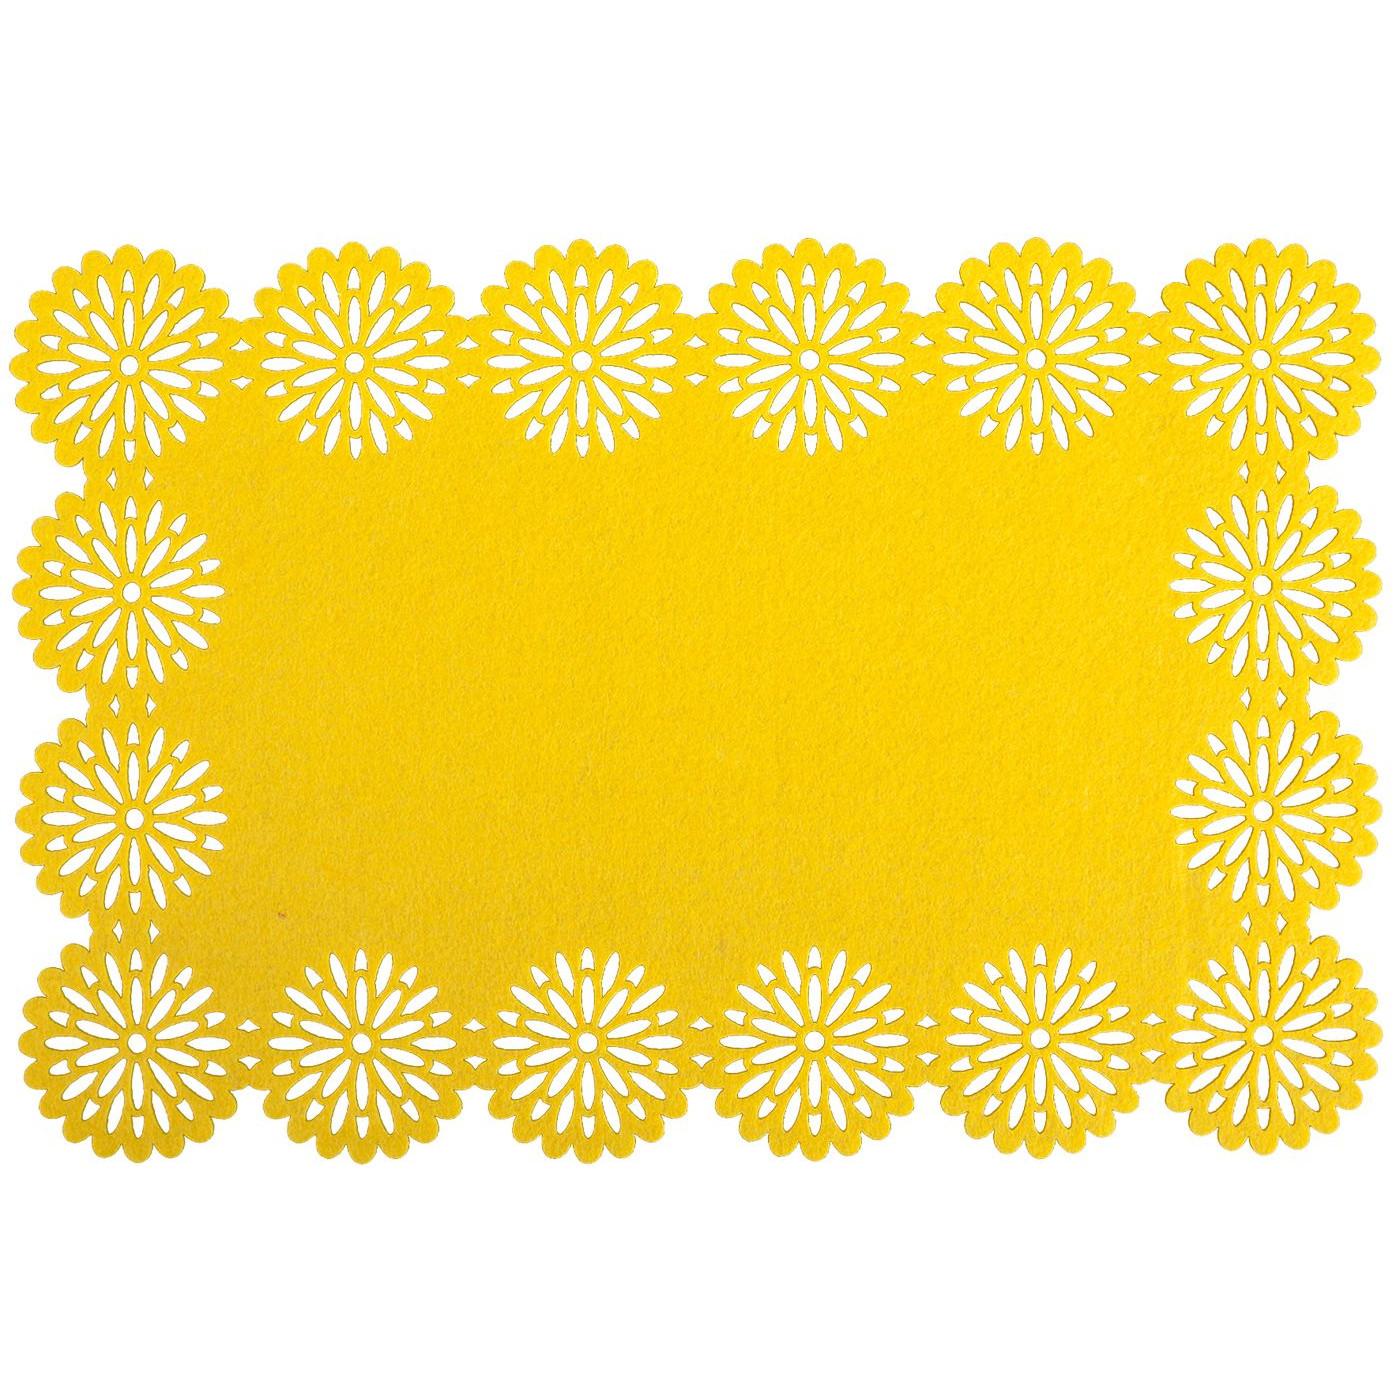 Filcowa podkładka stołowa bieżnik żółty 30x120 cm